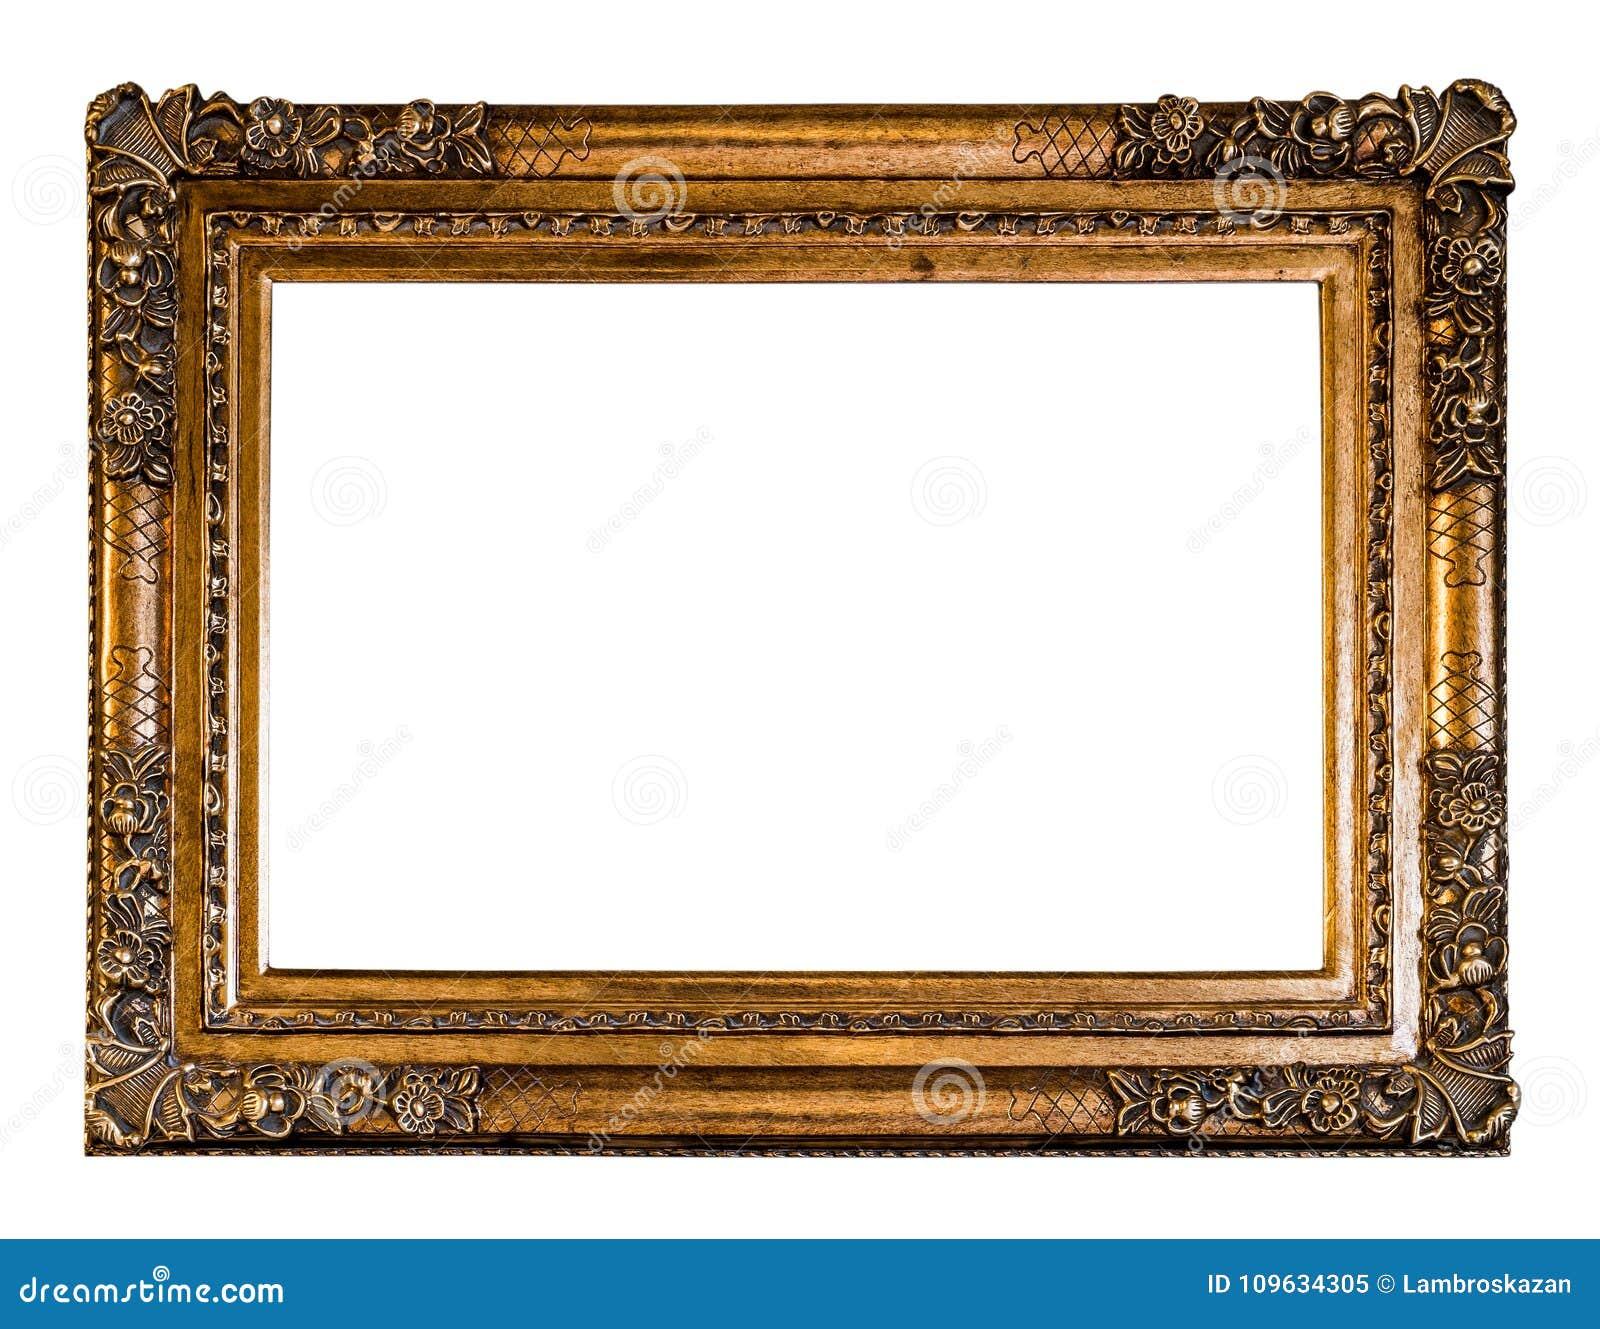 Pusty rocznik Rzeźbił Drewnianą ramę w Złotym kolorze z ścinkiem,